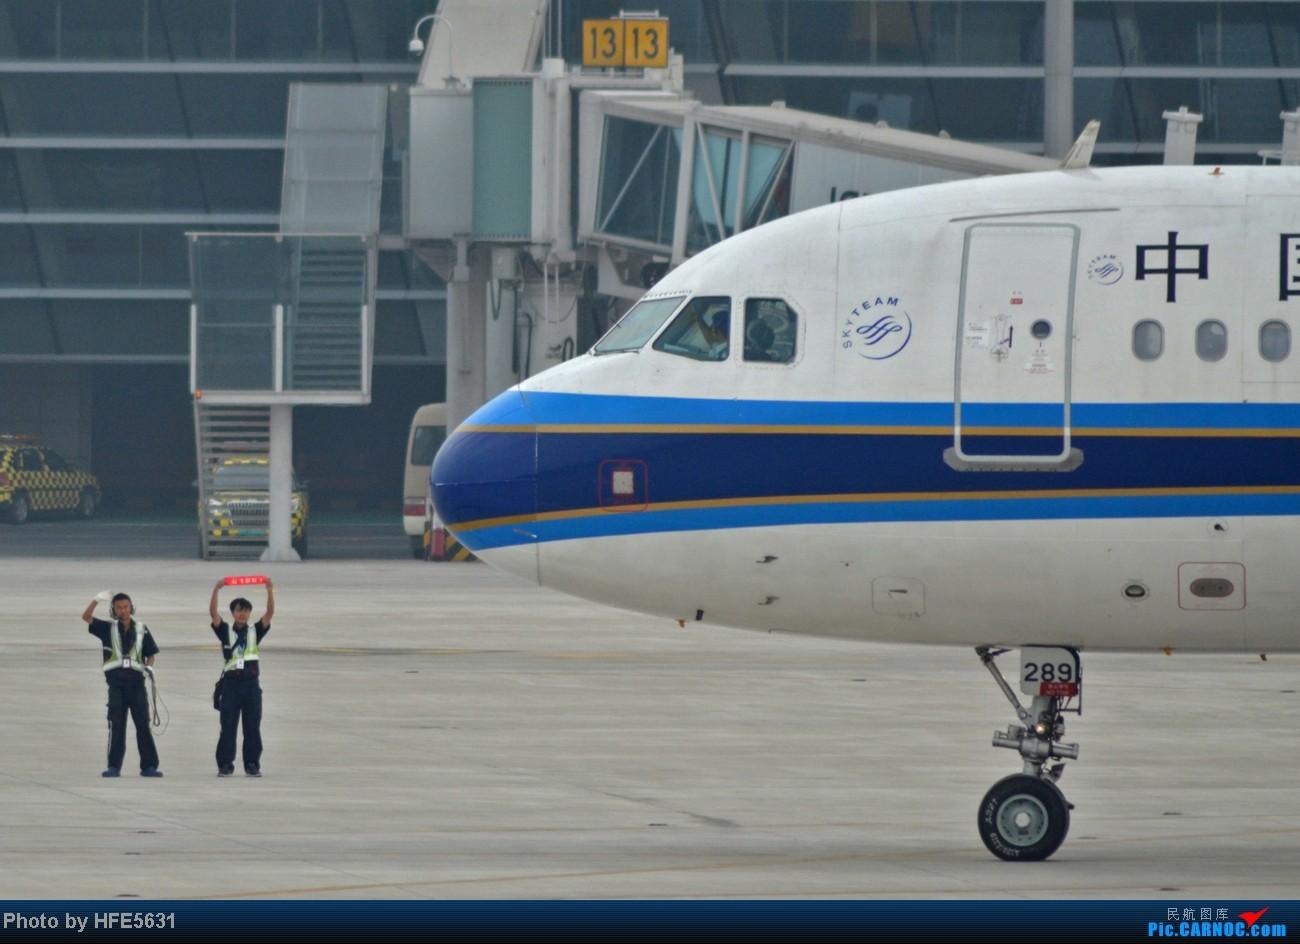 请问:去合肥新桥机场!想做机场大巴去!在什么地方可以